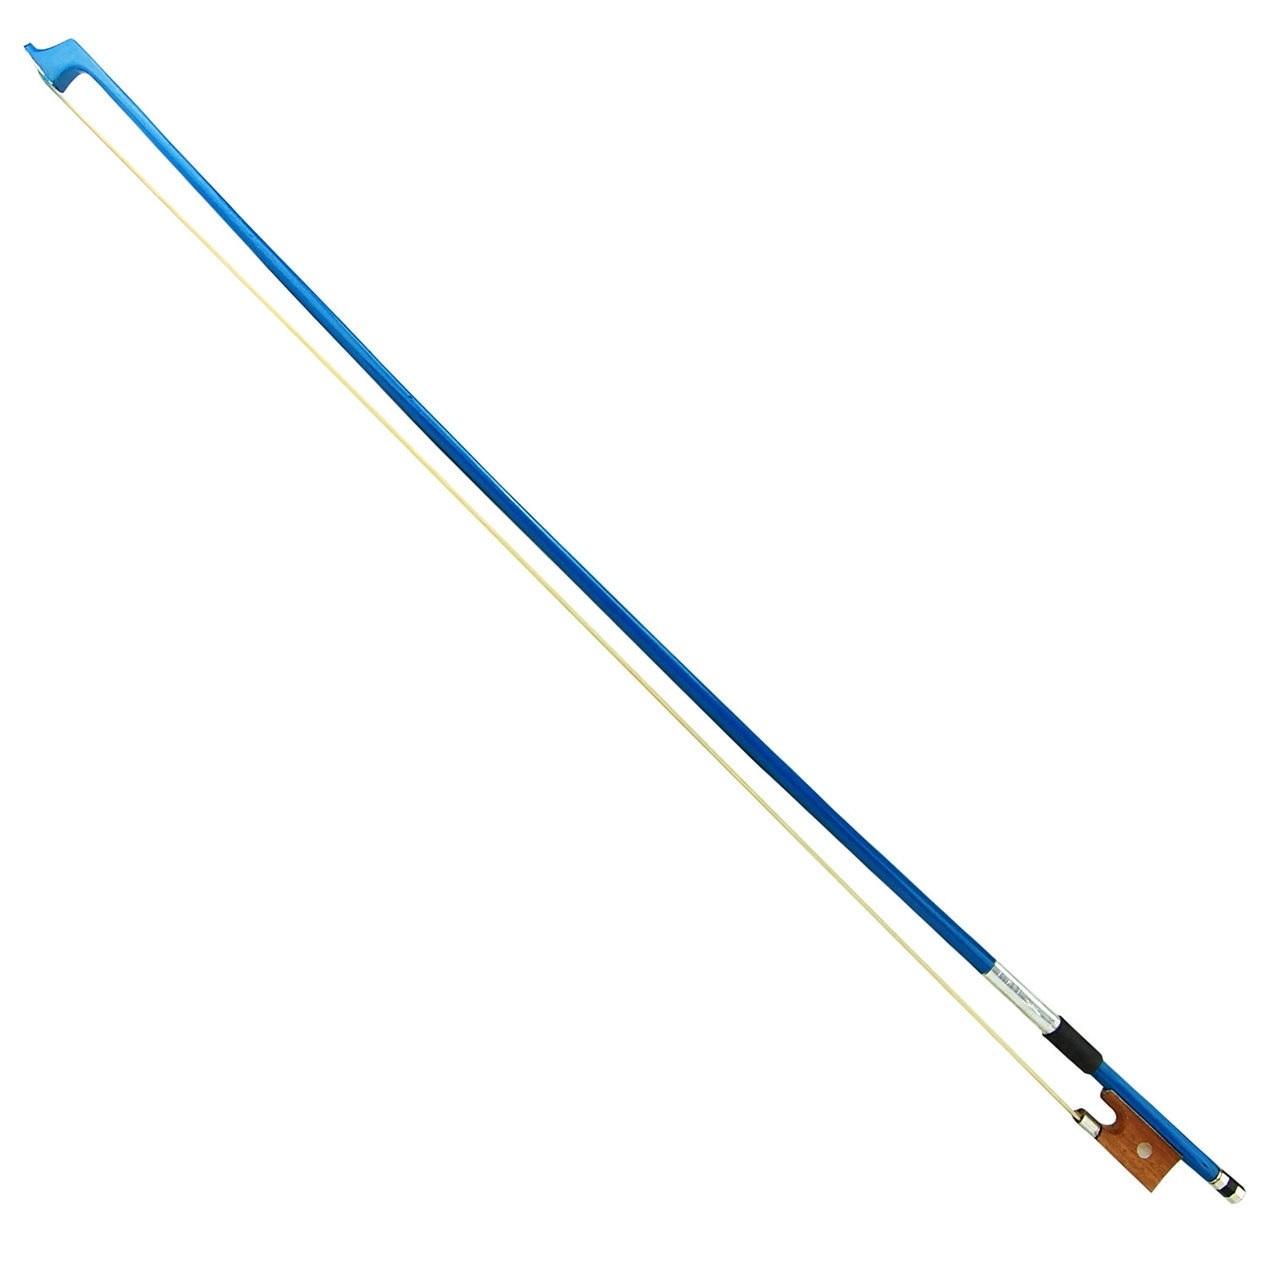 3/4 Size Blue Stick Violin Bow for Student, Beginner, Starter, Adult